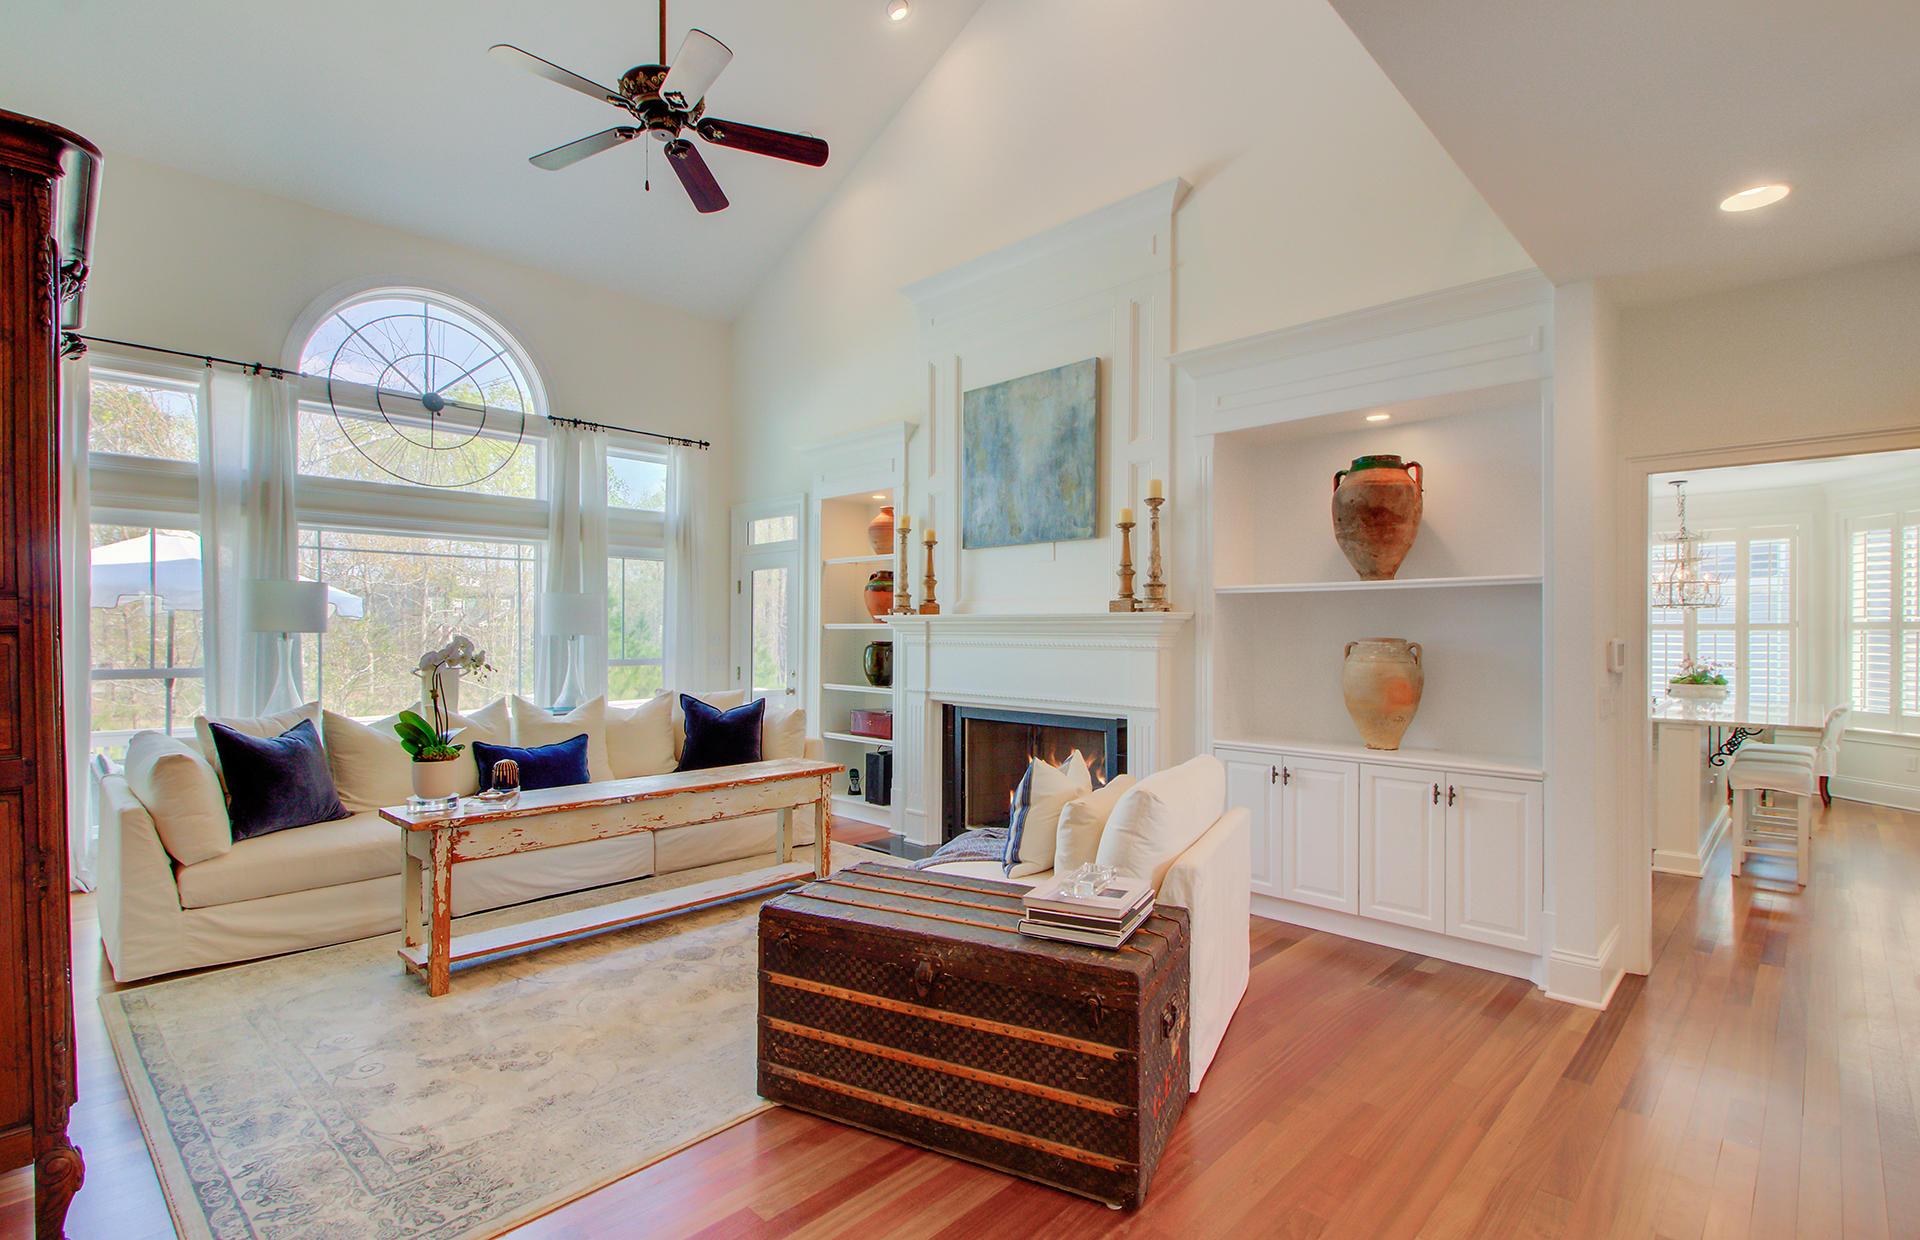 Dunes West Homes For Sale - 2913 Yachtsman, Mount Pleasant, SC - 31